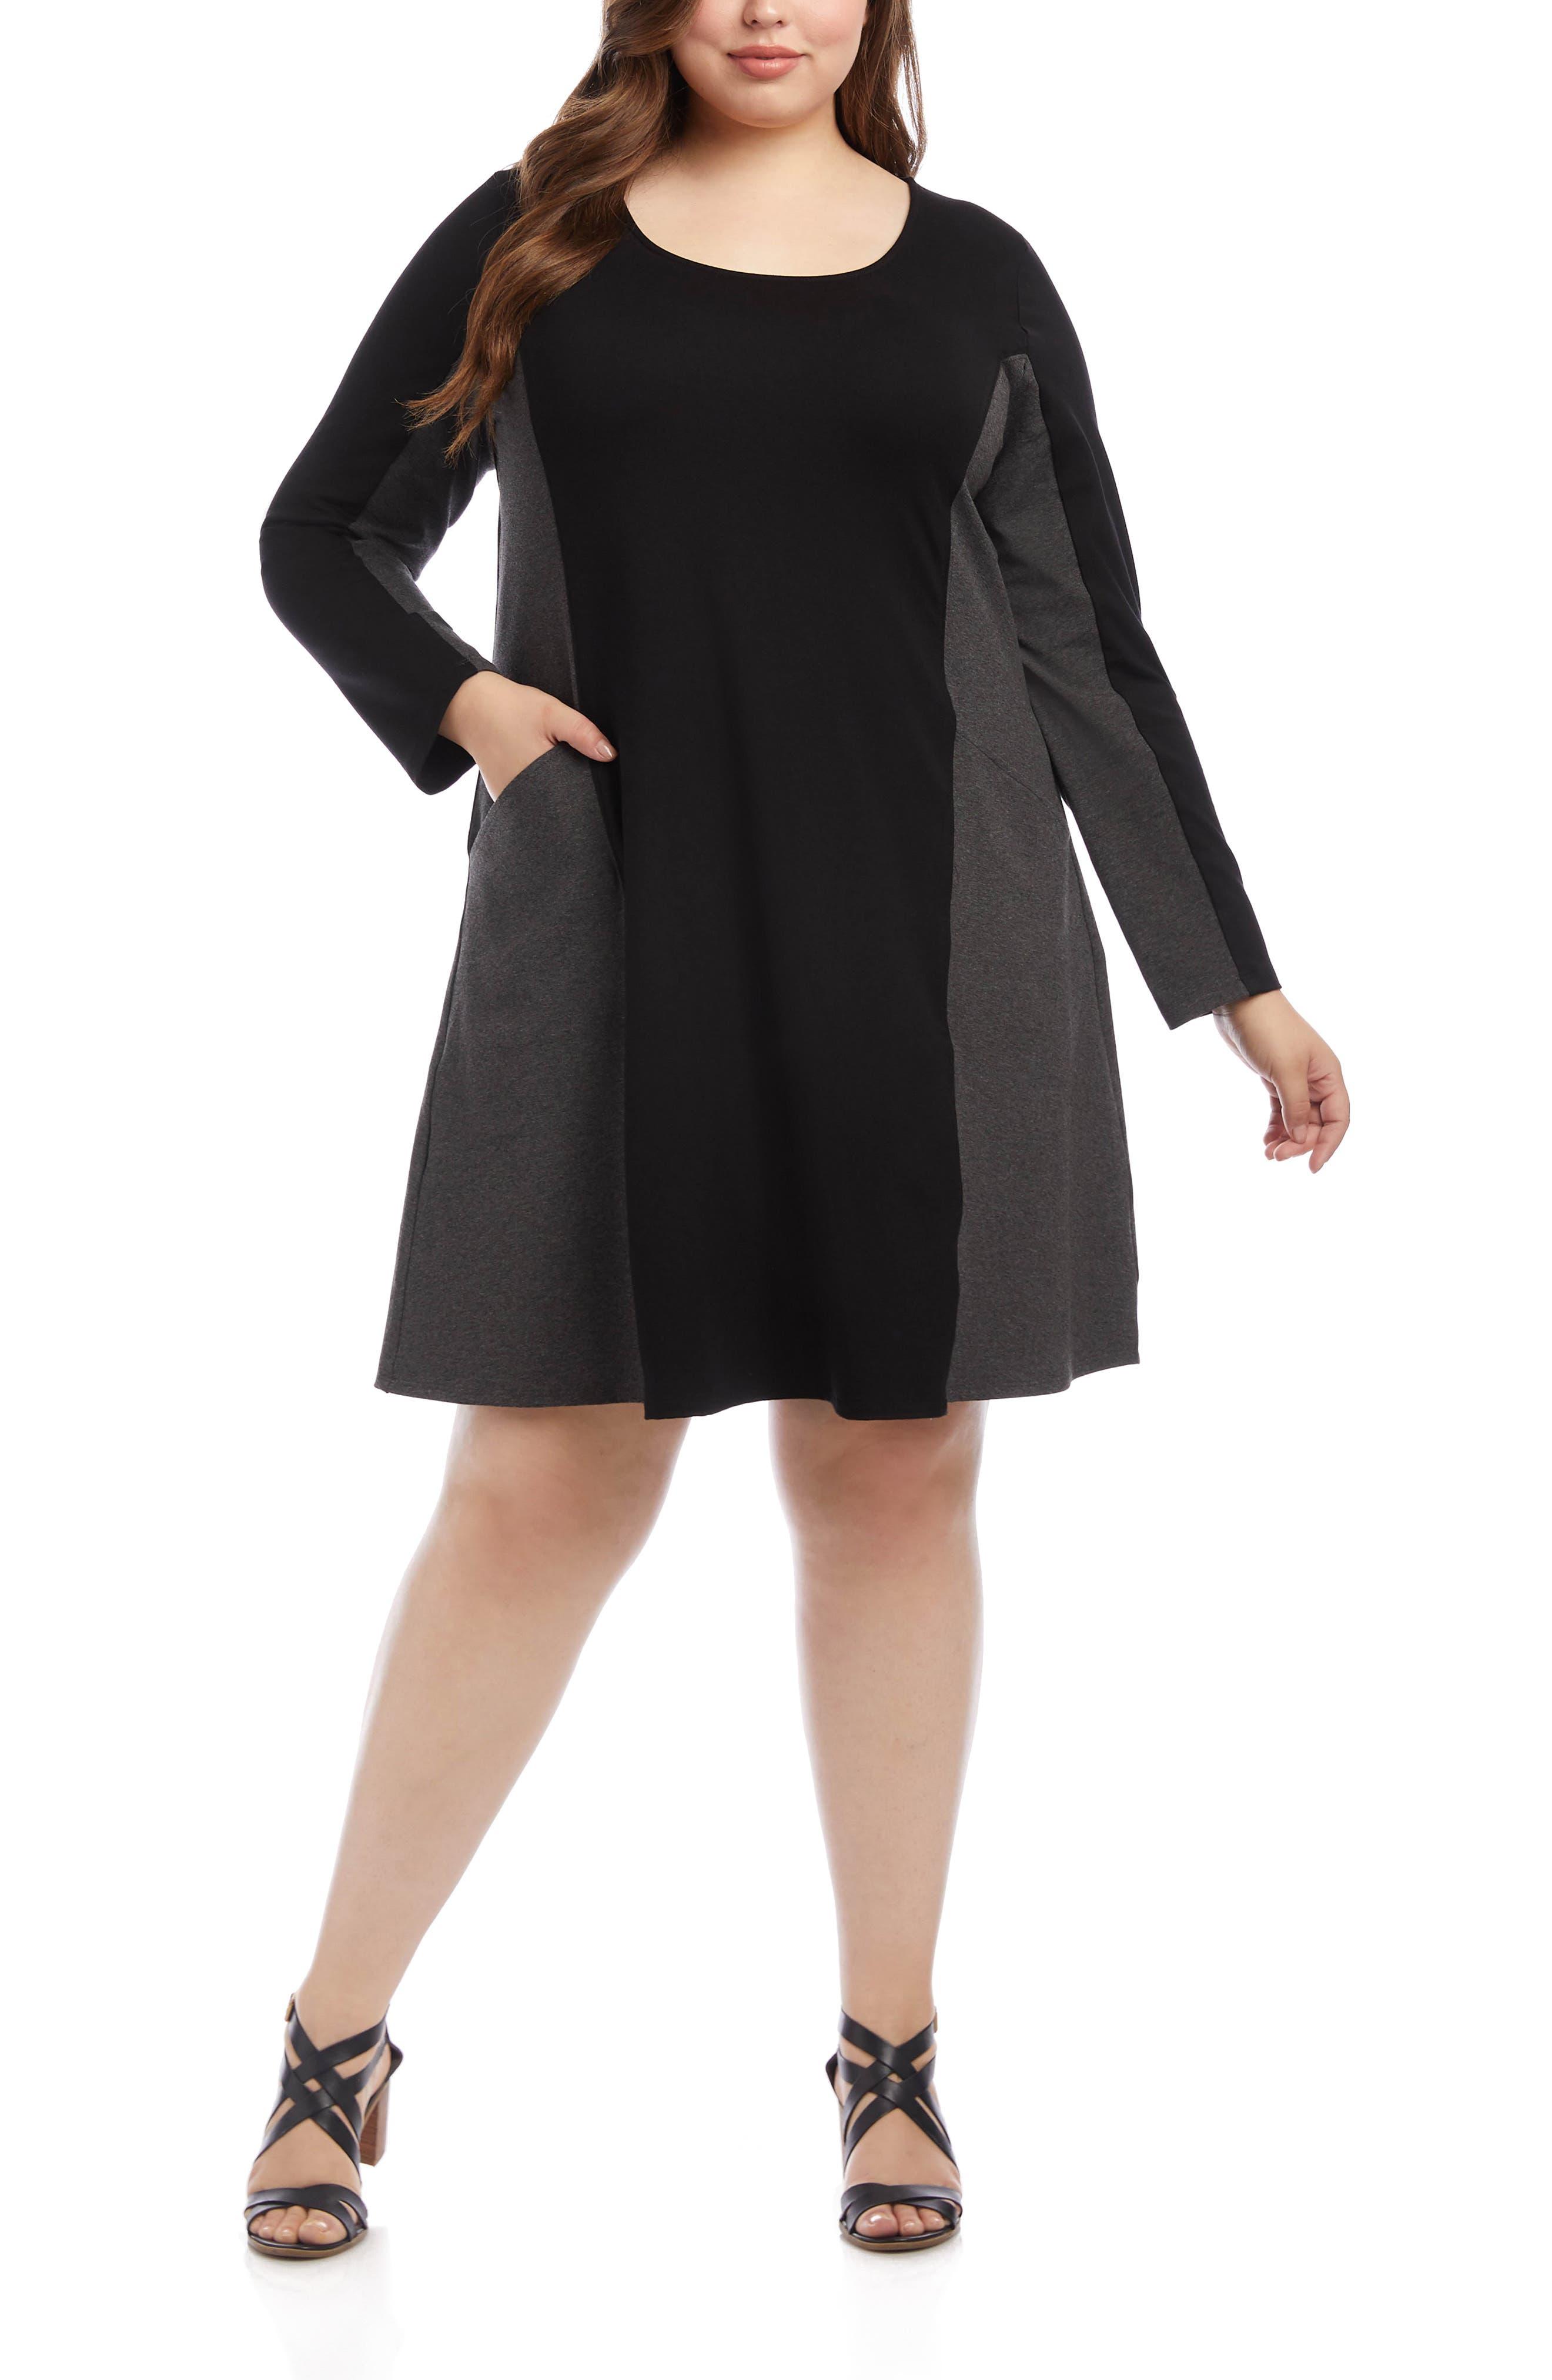 Plus Size Retro Dresses 50s, 60s ,70s, 80s, 90s Plus Size Womens Karen Kane Colorblock Pocket Long Sleeve Dress $89.60 AT vintagedancer.com